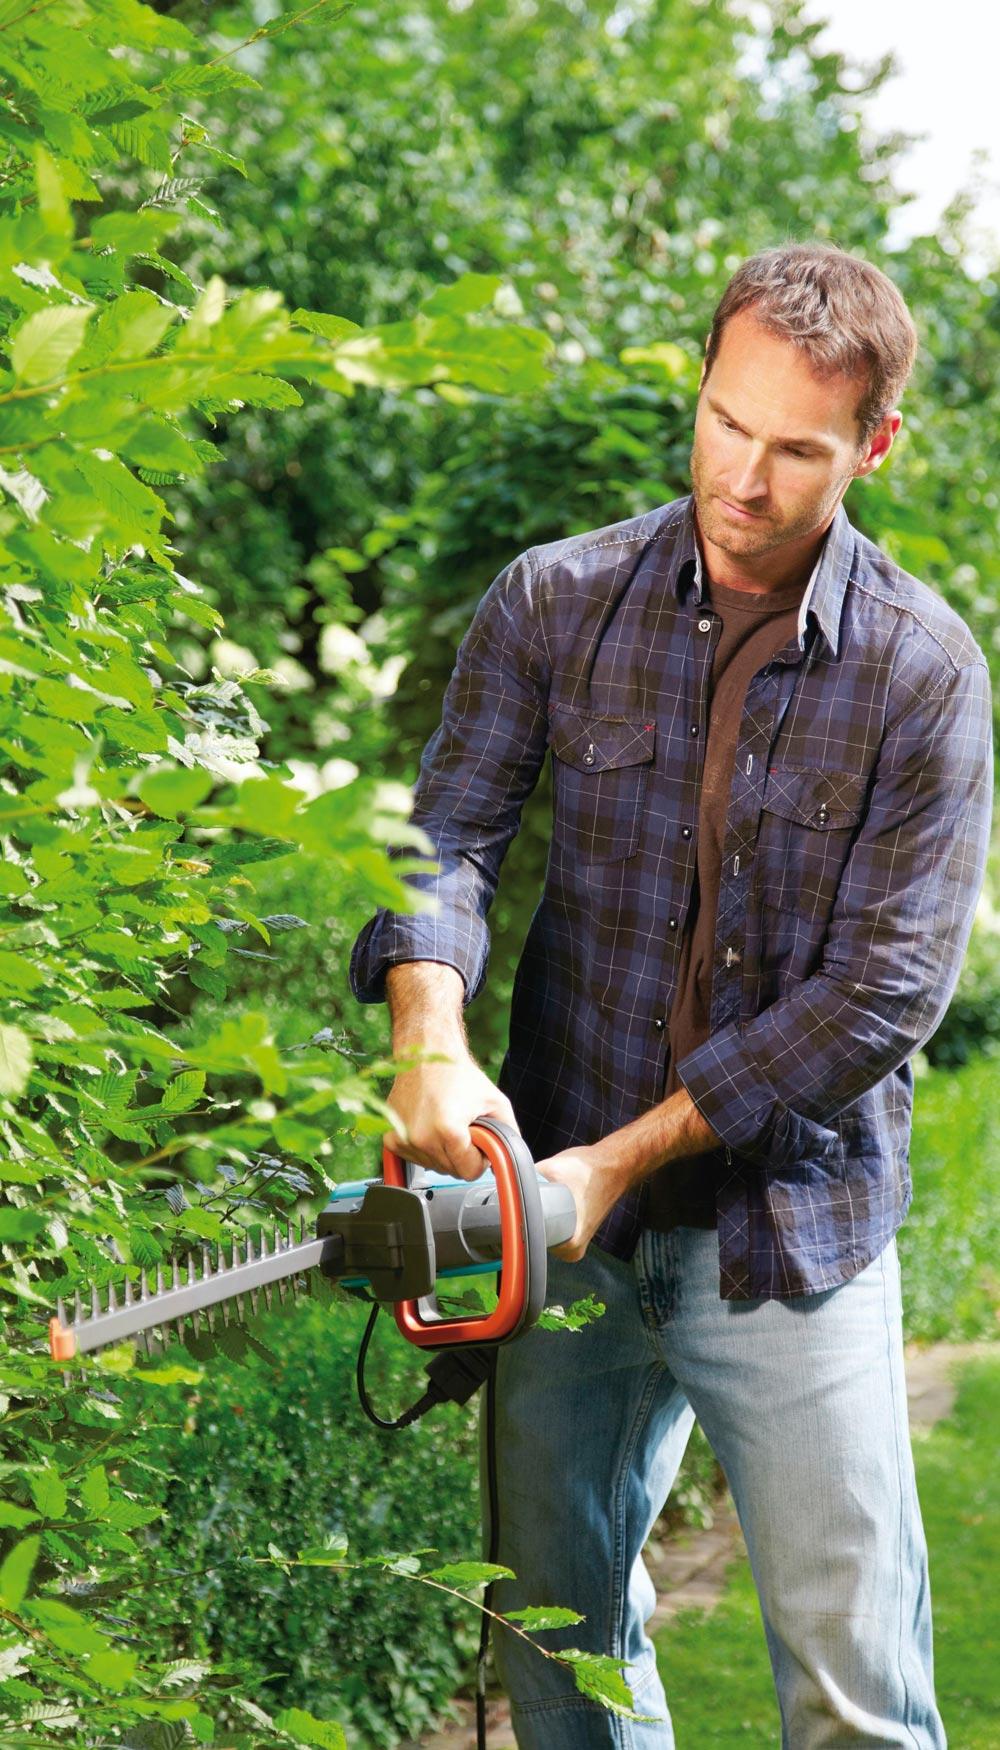 Preparaci n del jard n para el invierno jardiner a for Preparacion de jardines